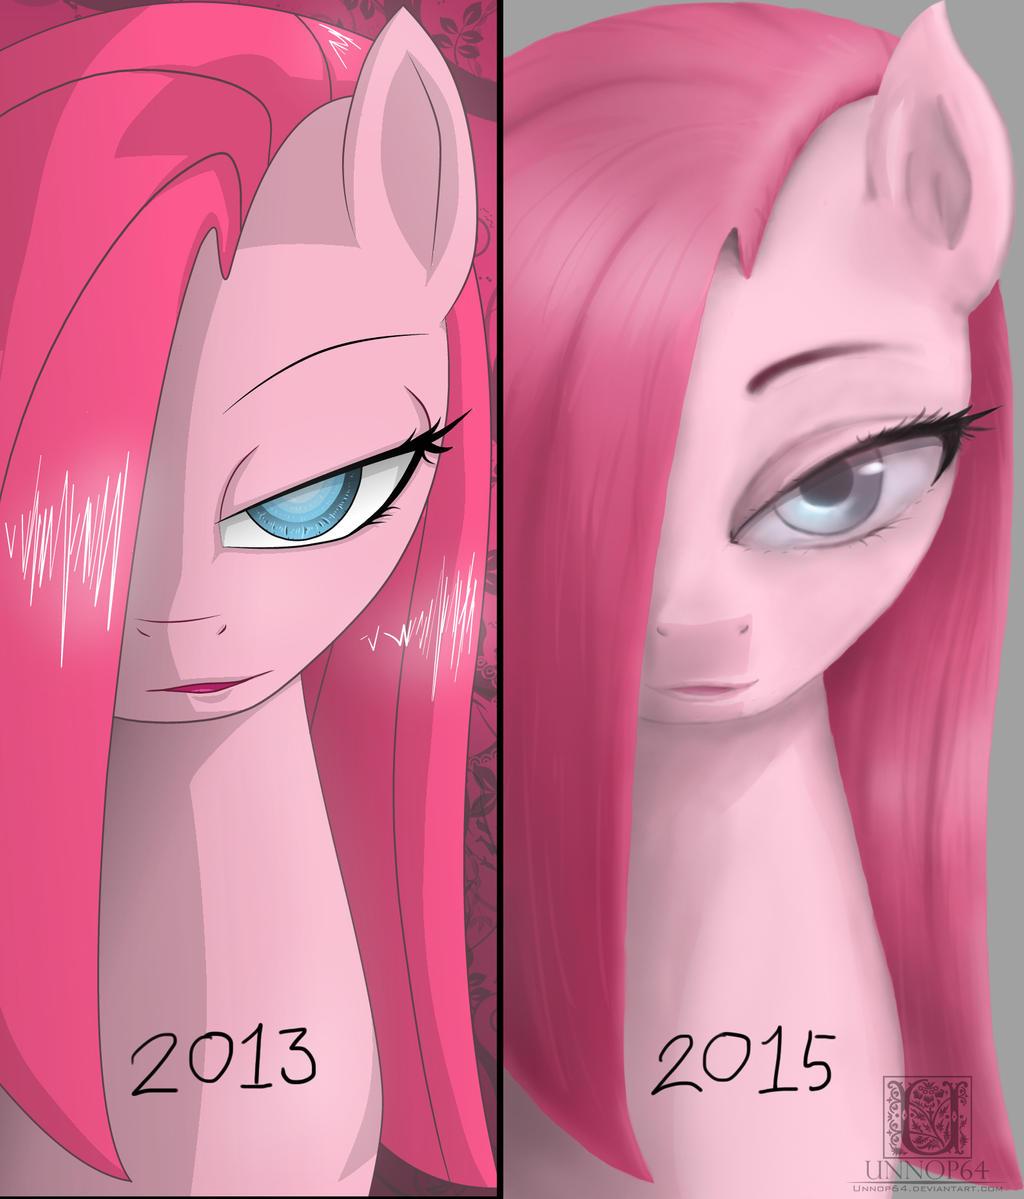 OLD vs NEW Pinkamena